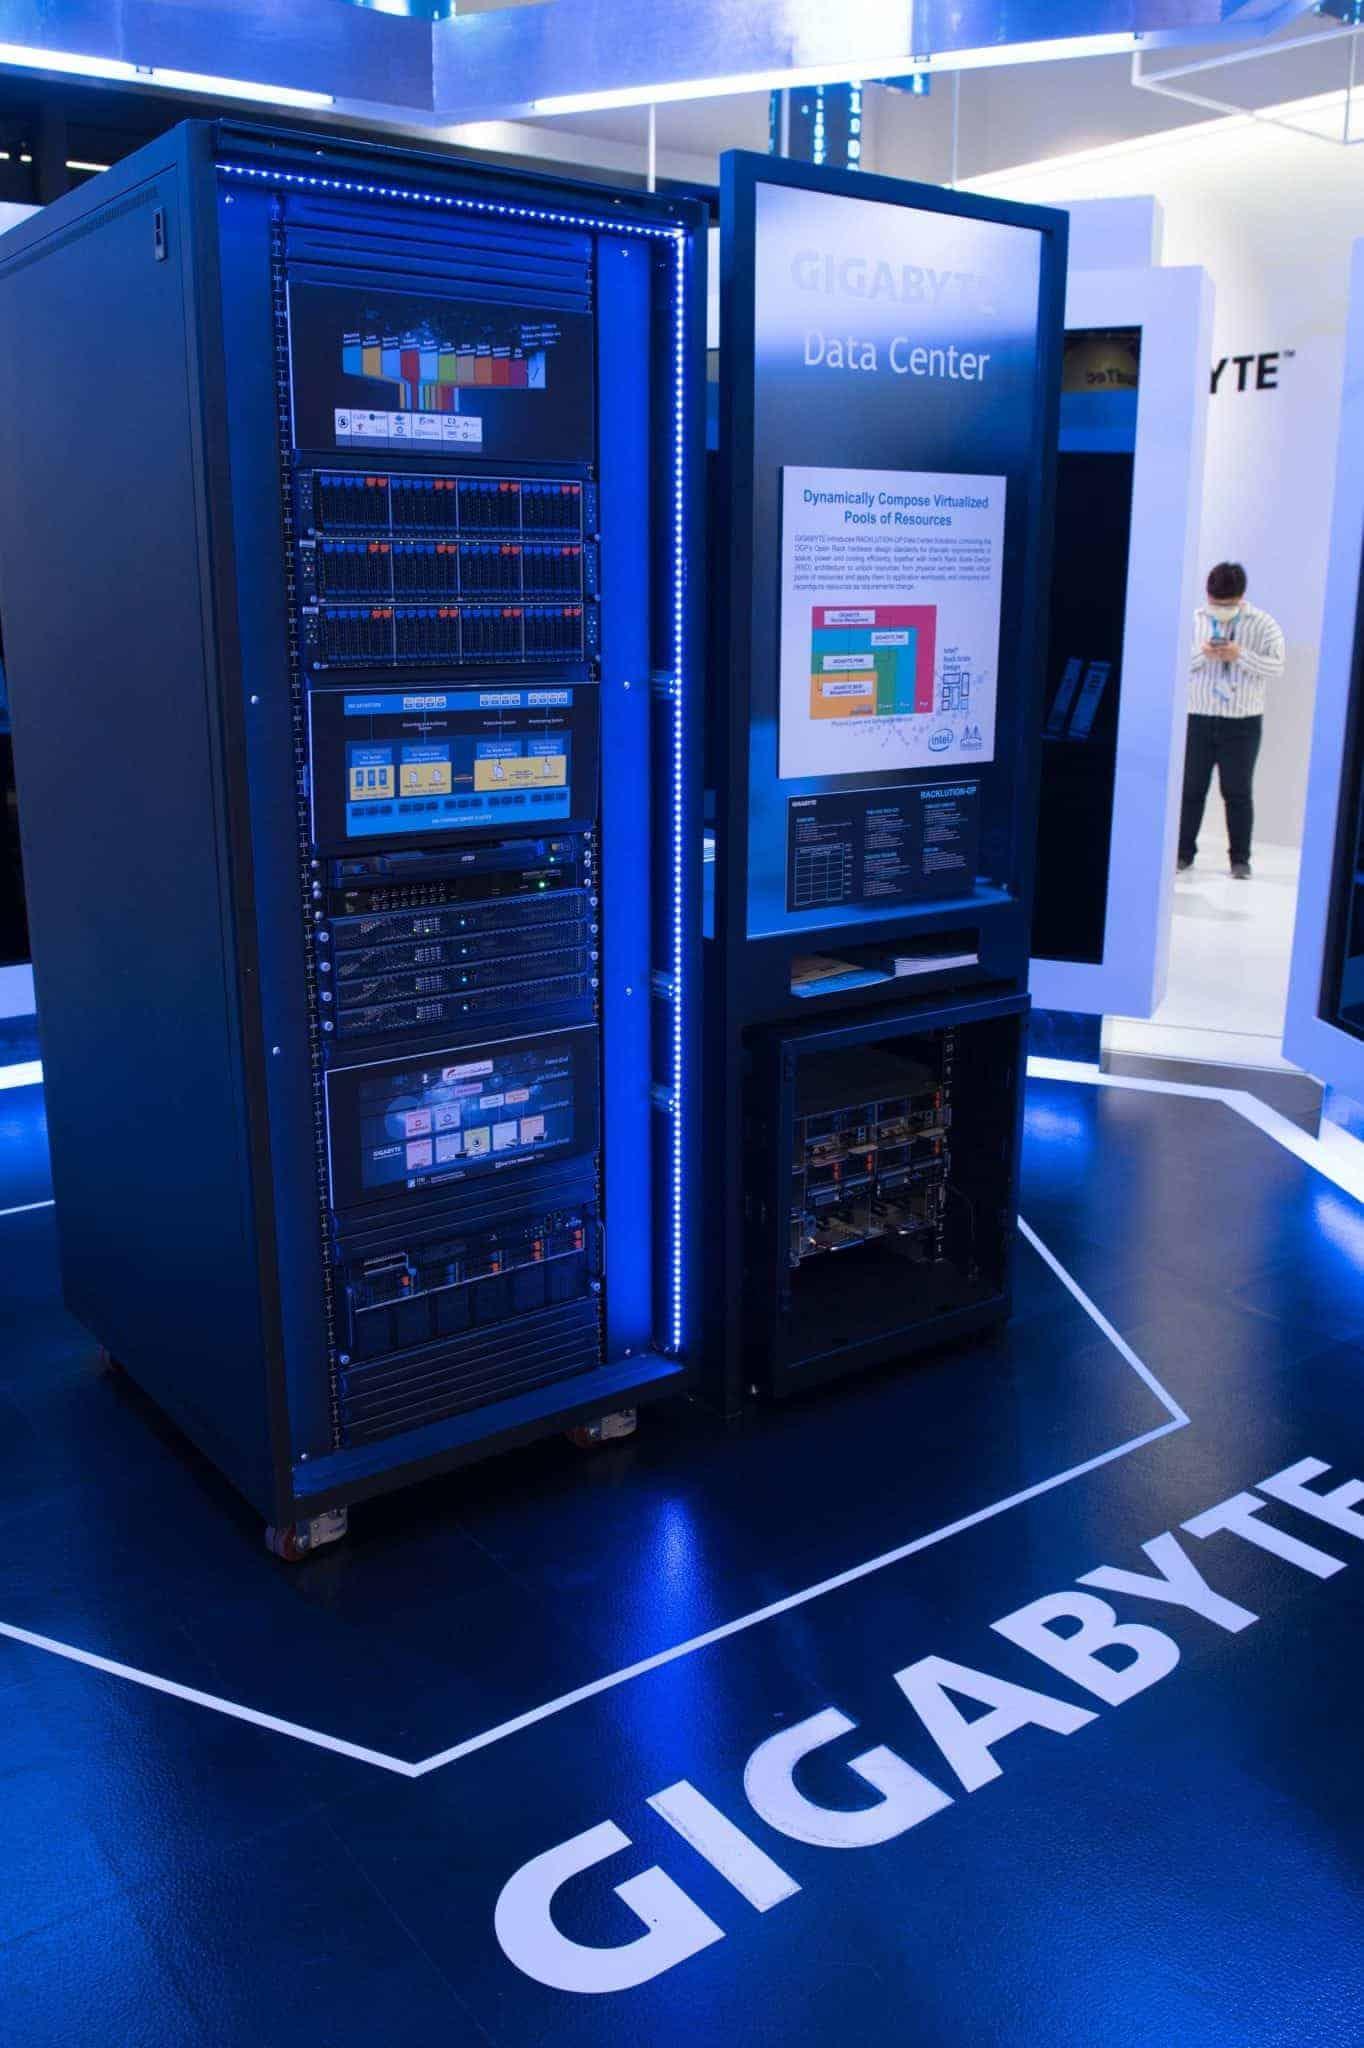 Computex 電腦展重點整理  - 電競與電腦廠商的較勁(一) 3